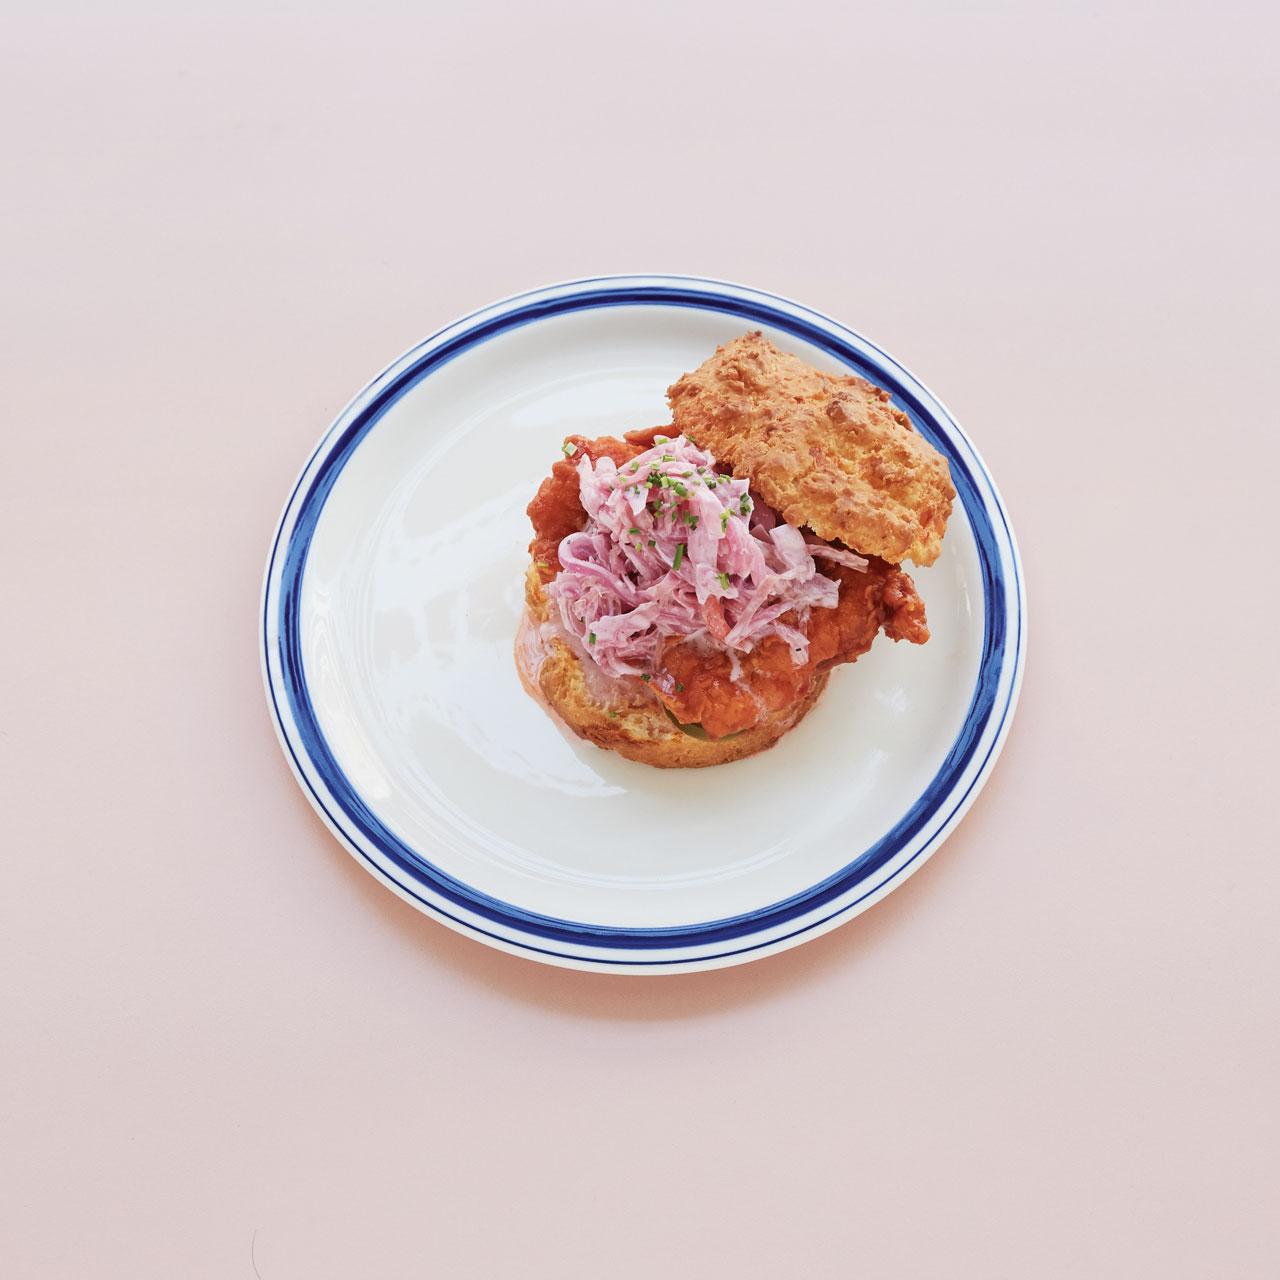 비스킷 사이에 매콤한 치킨과  랜치콜슬로를 올린 '내슈빌 핫'